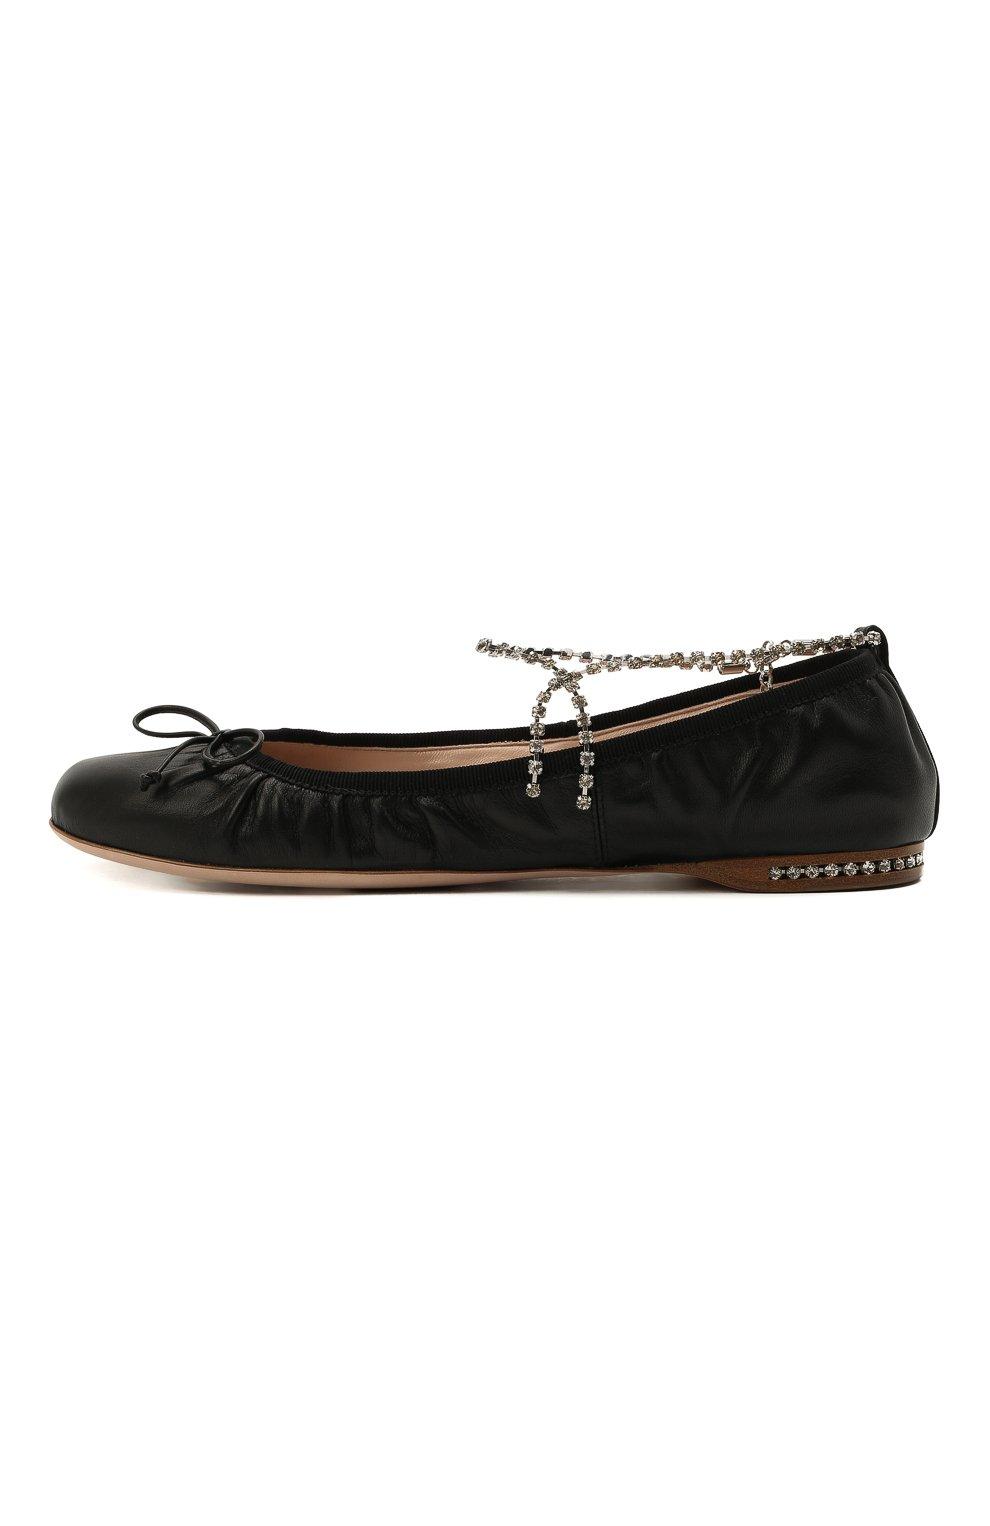 Женские кожаные балетки MIU MIU черного цвета, арт. 5F916C/038 | Фото 3 (Каблук высота: Низкий; Материал внутренний: Натуральная кожа; Подошва: Плоская)